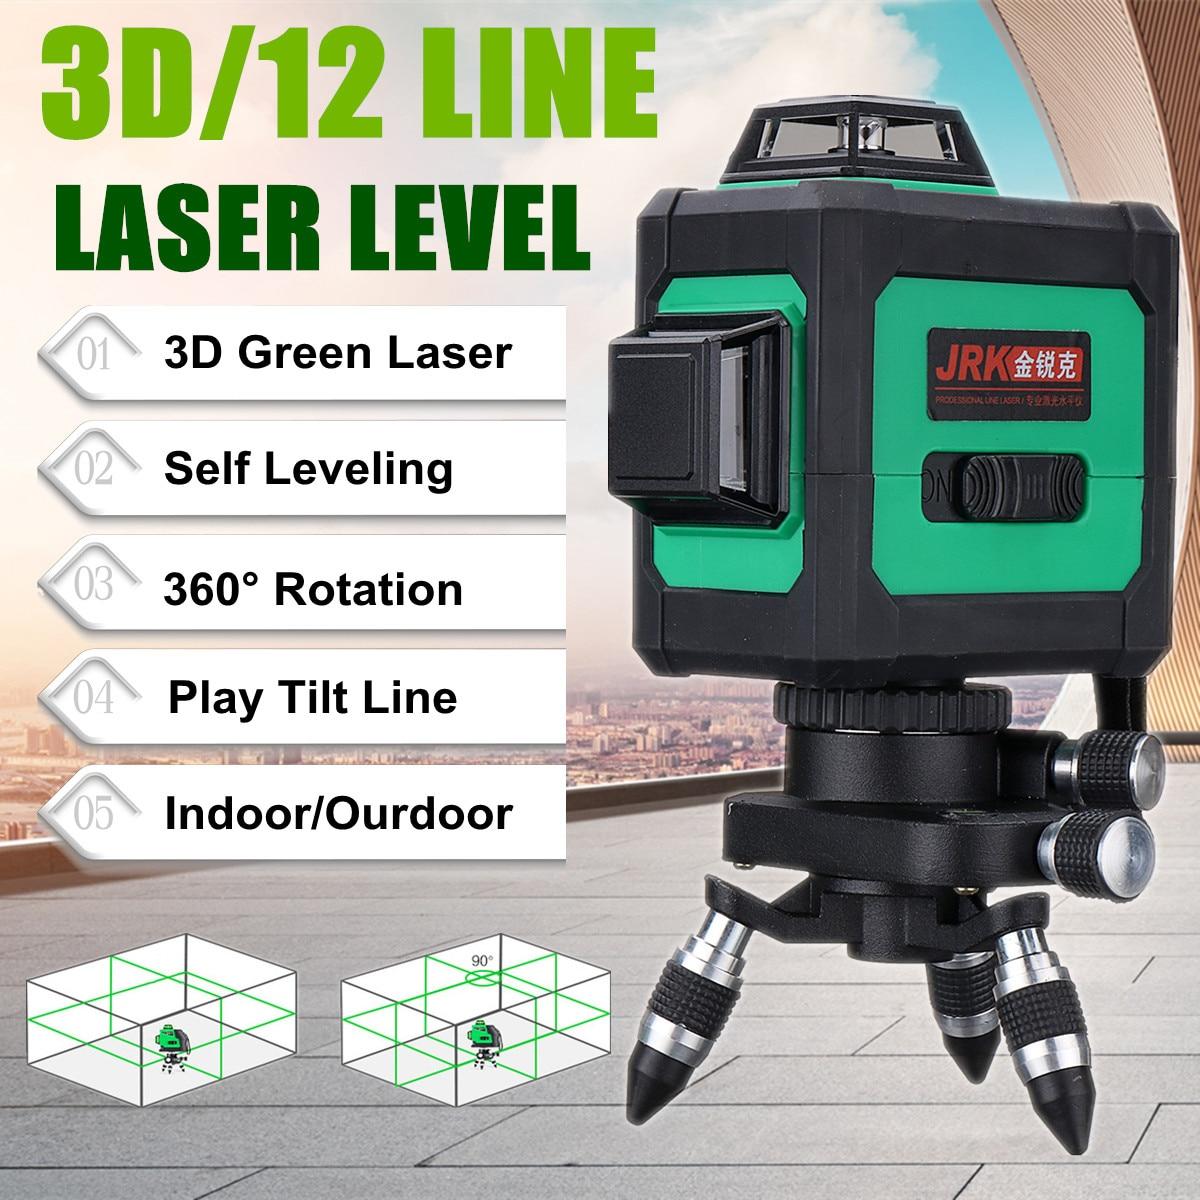 3D наливные 360 Поворотный крест зеленый лазерный уровень измерения 12 линий 50 раз широкий применение для выравнивания Точная мобильность